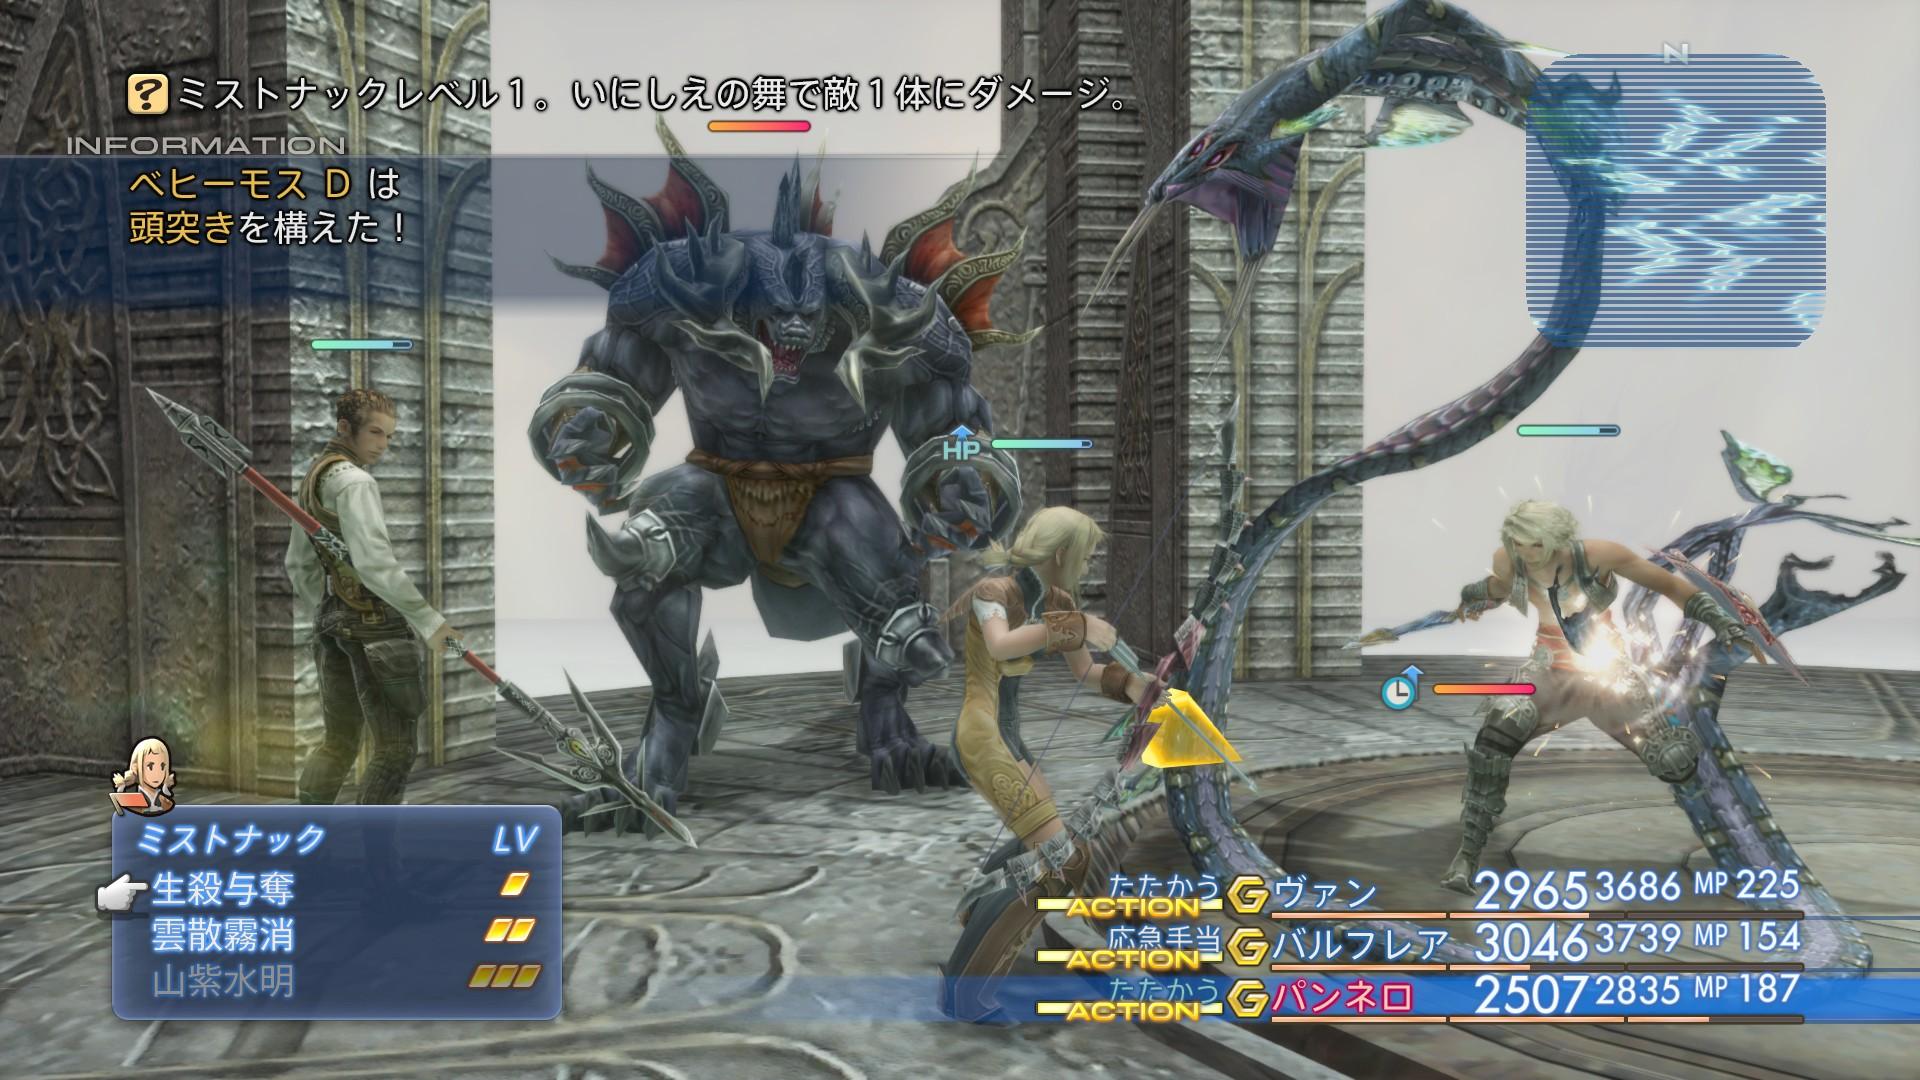 Lov, klany a nepřátelé z Final Fantasy XII: The Zodiac Age na screenshotech 146295